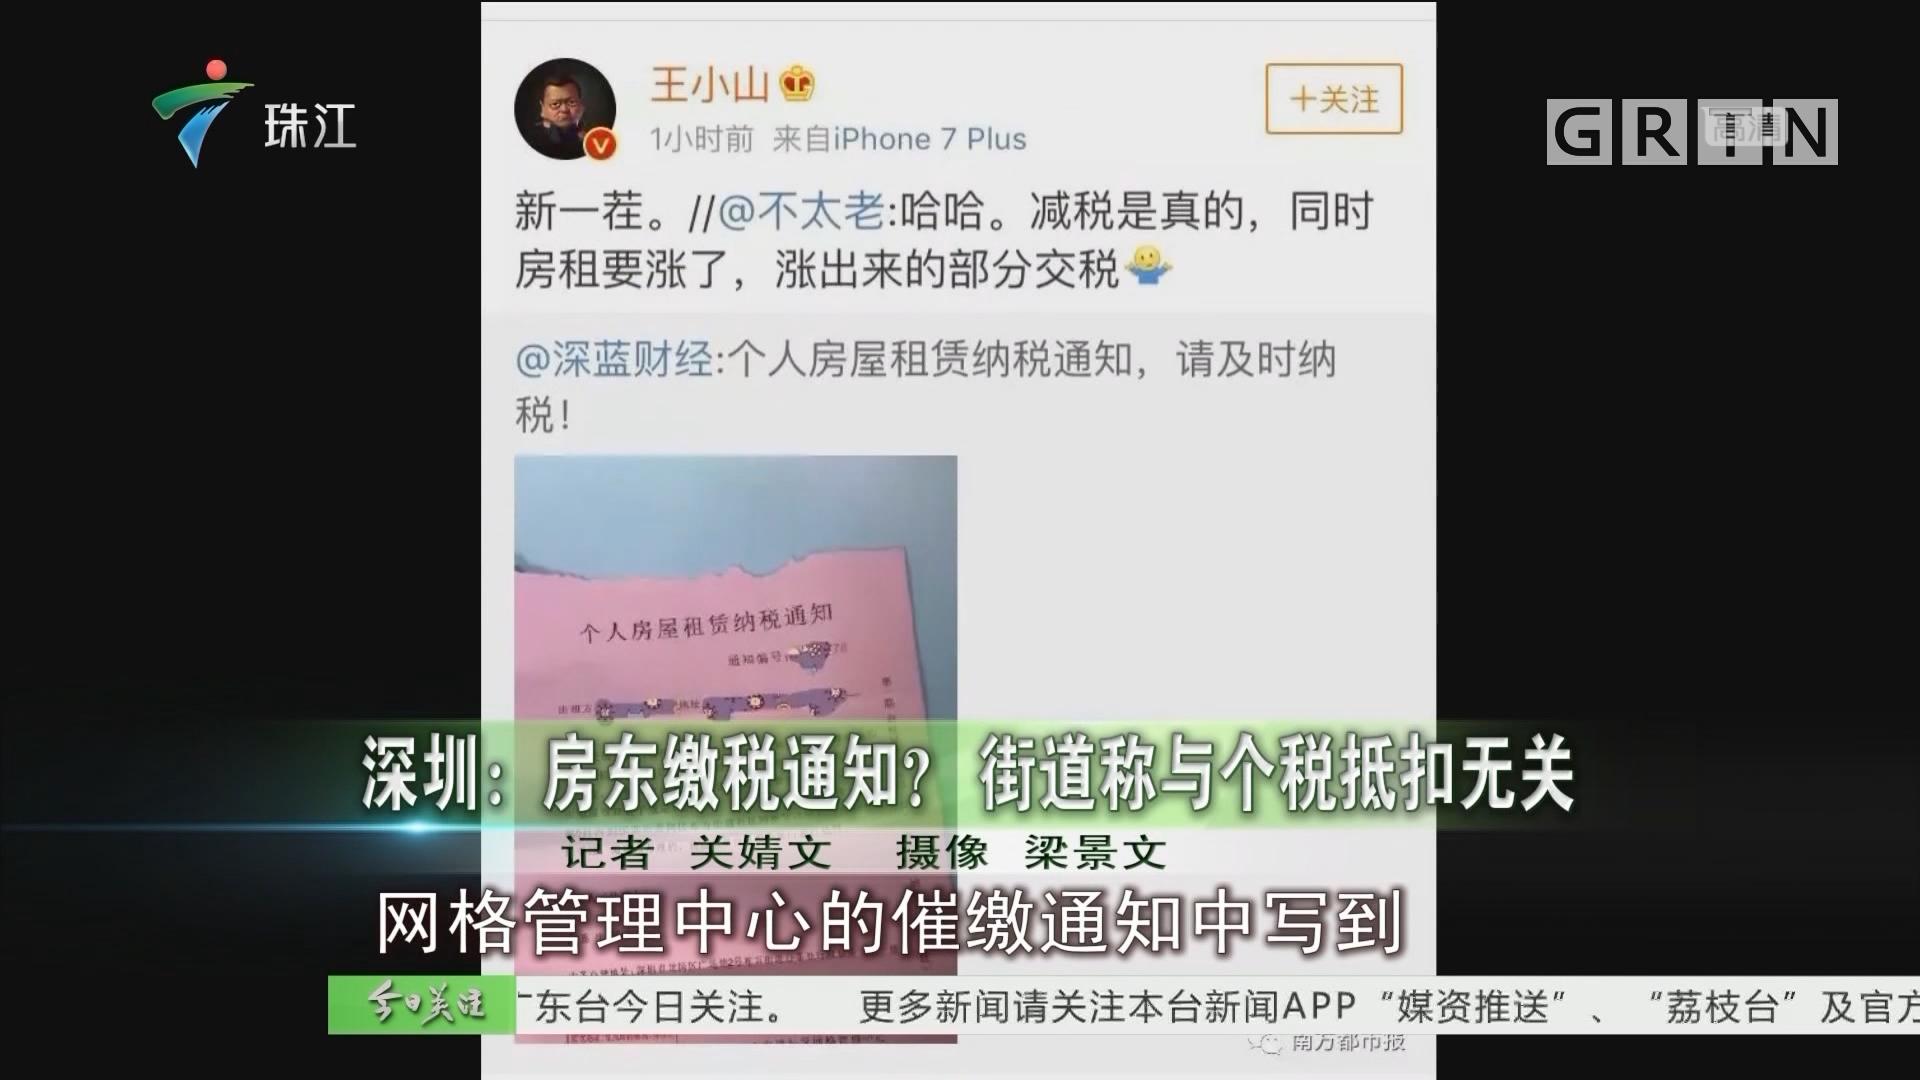 深圳:房东缴税通知?街道称与个税抵扣无关